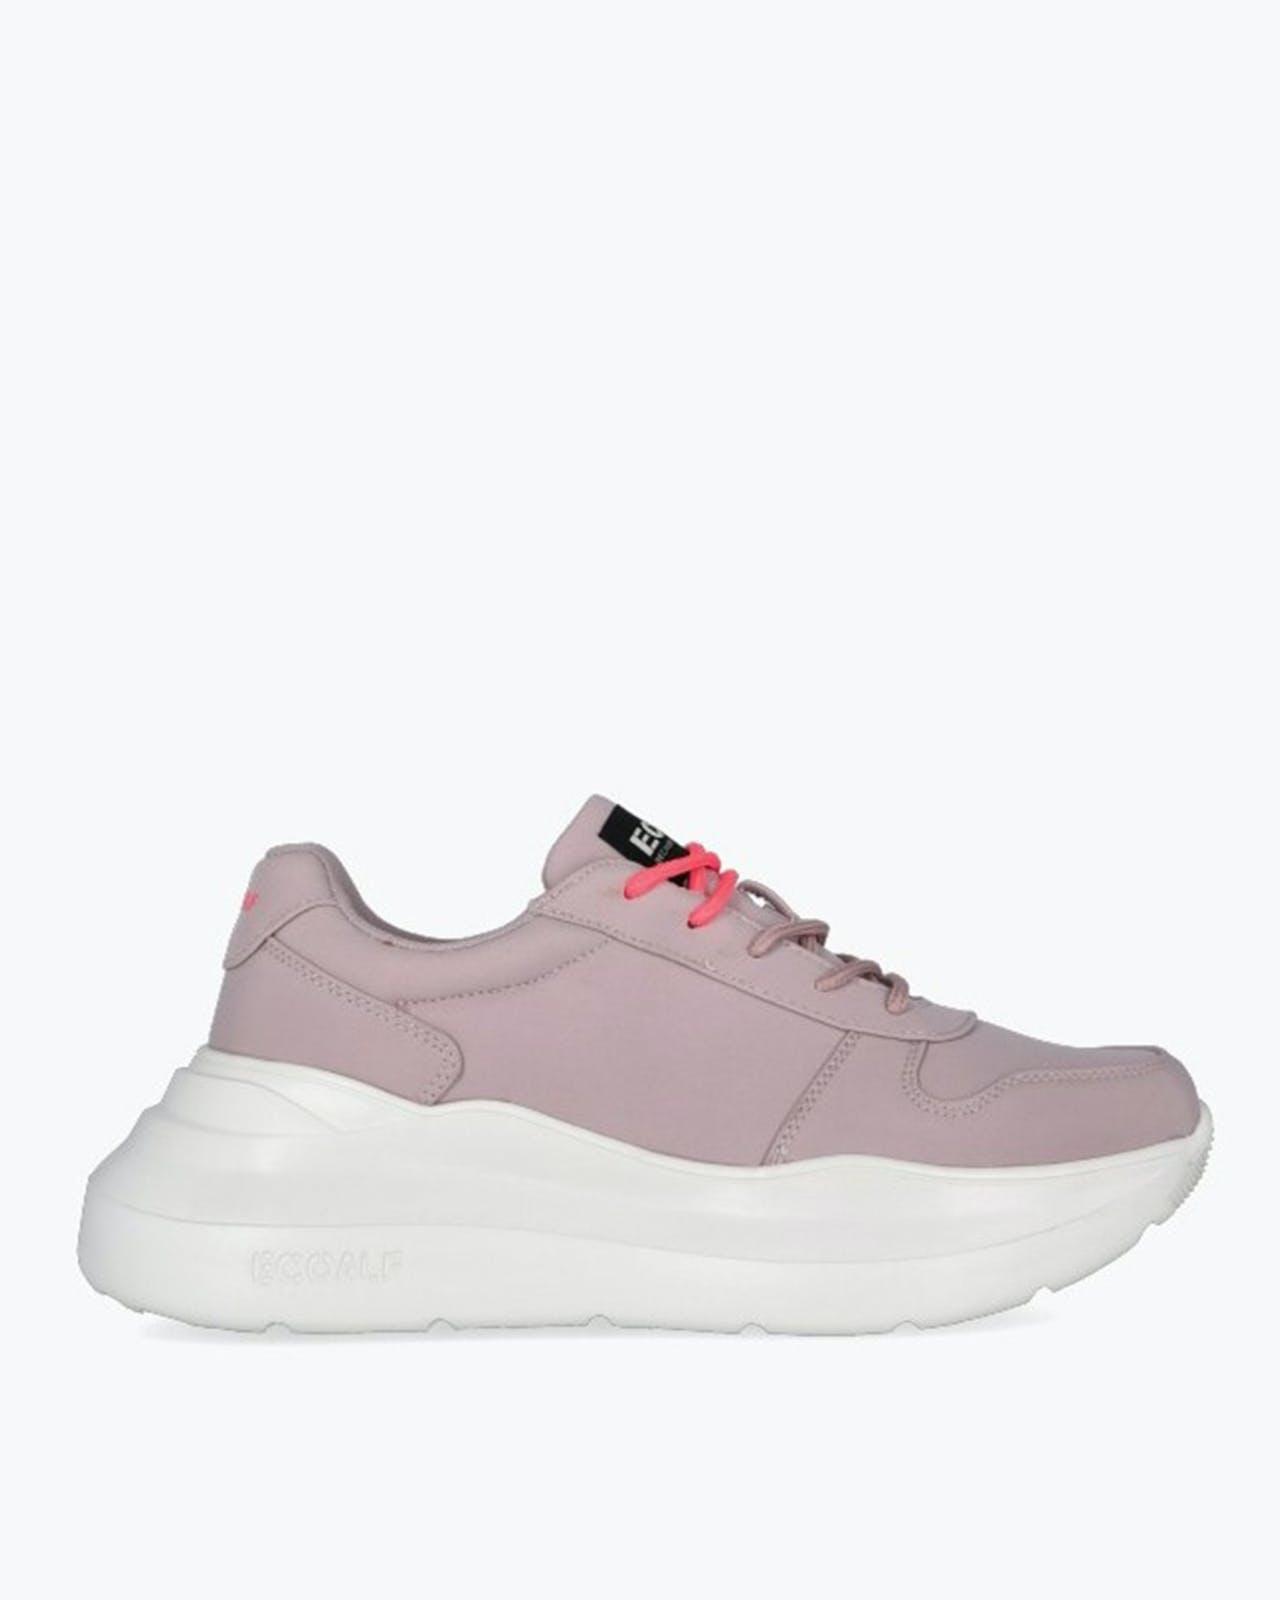 Ecoalf cartagena pink